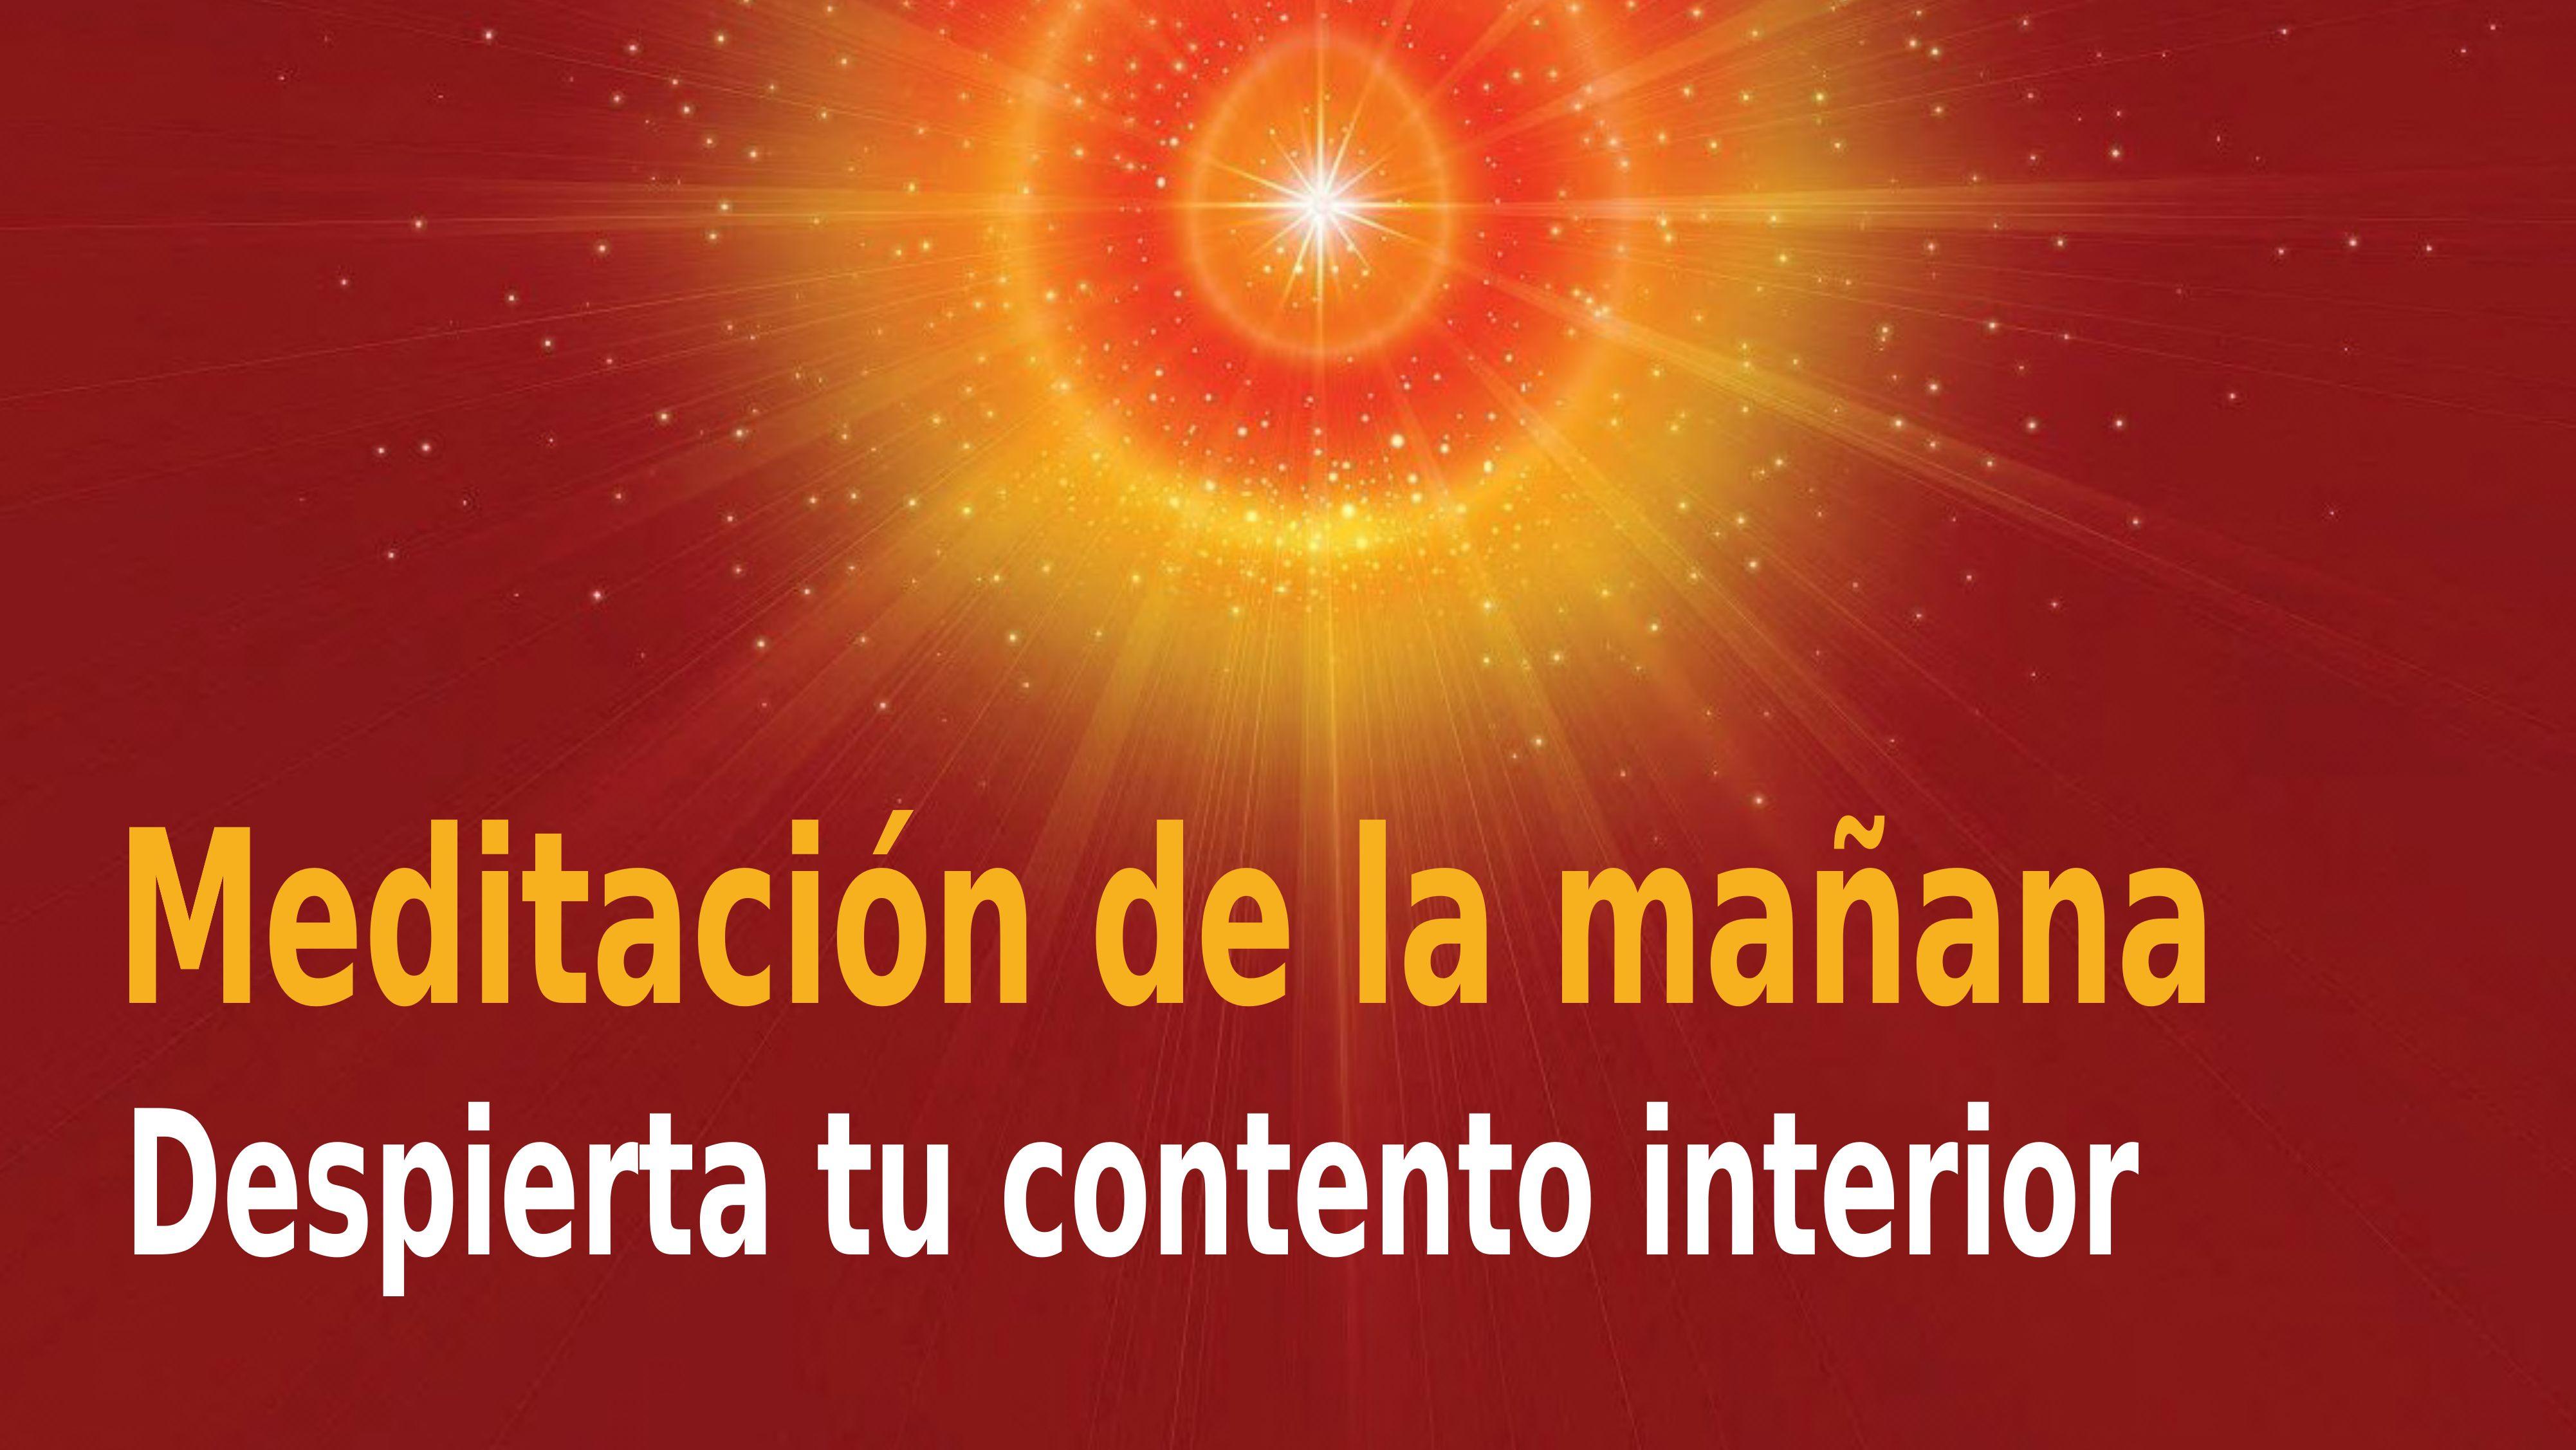 Meditación de la mañana Raja Yoga:  Despierta tu contento interior (20 Noviembre 2020)